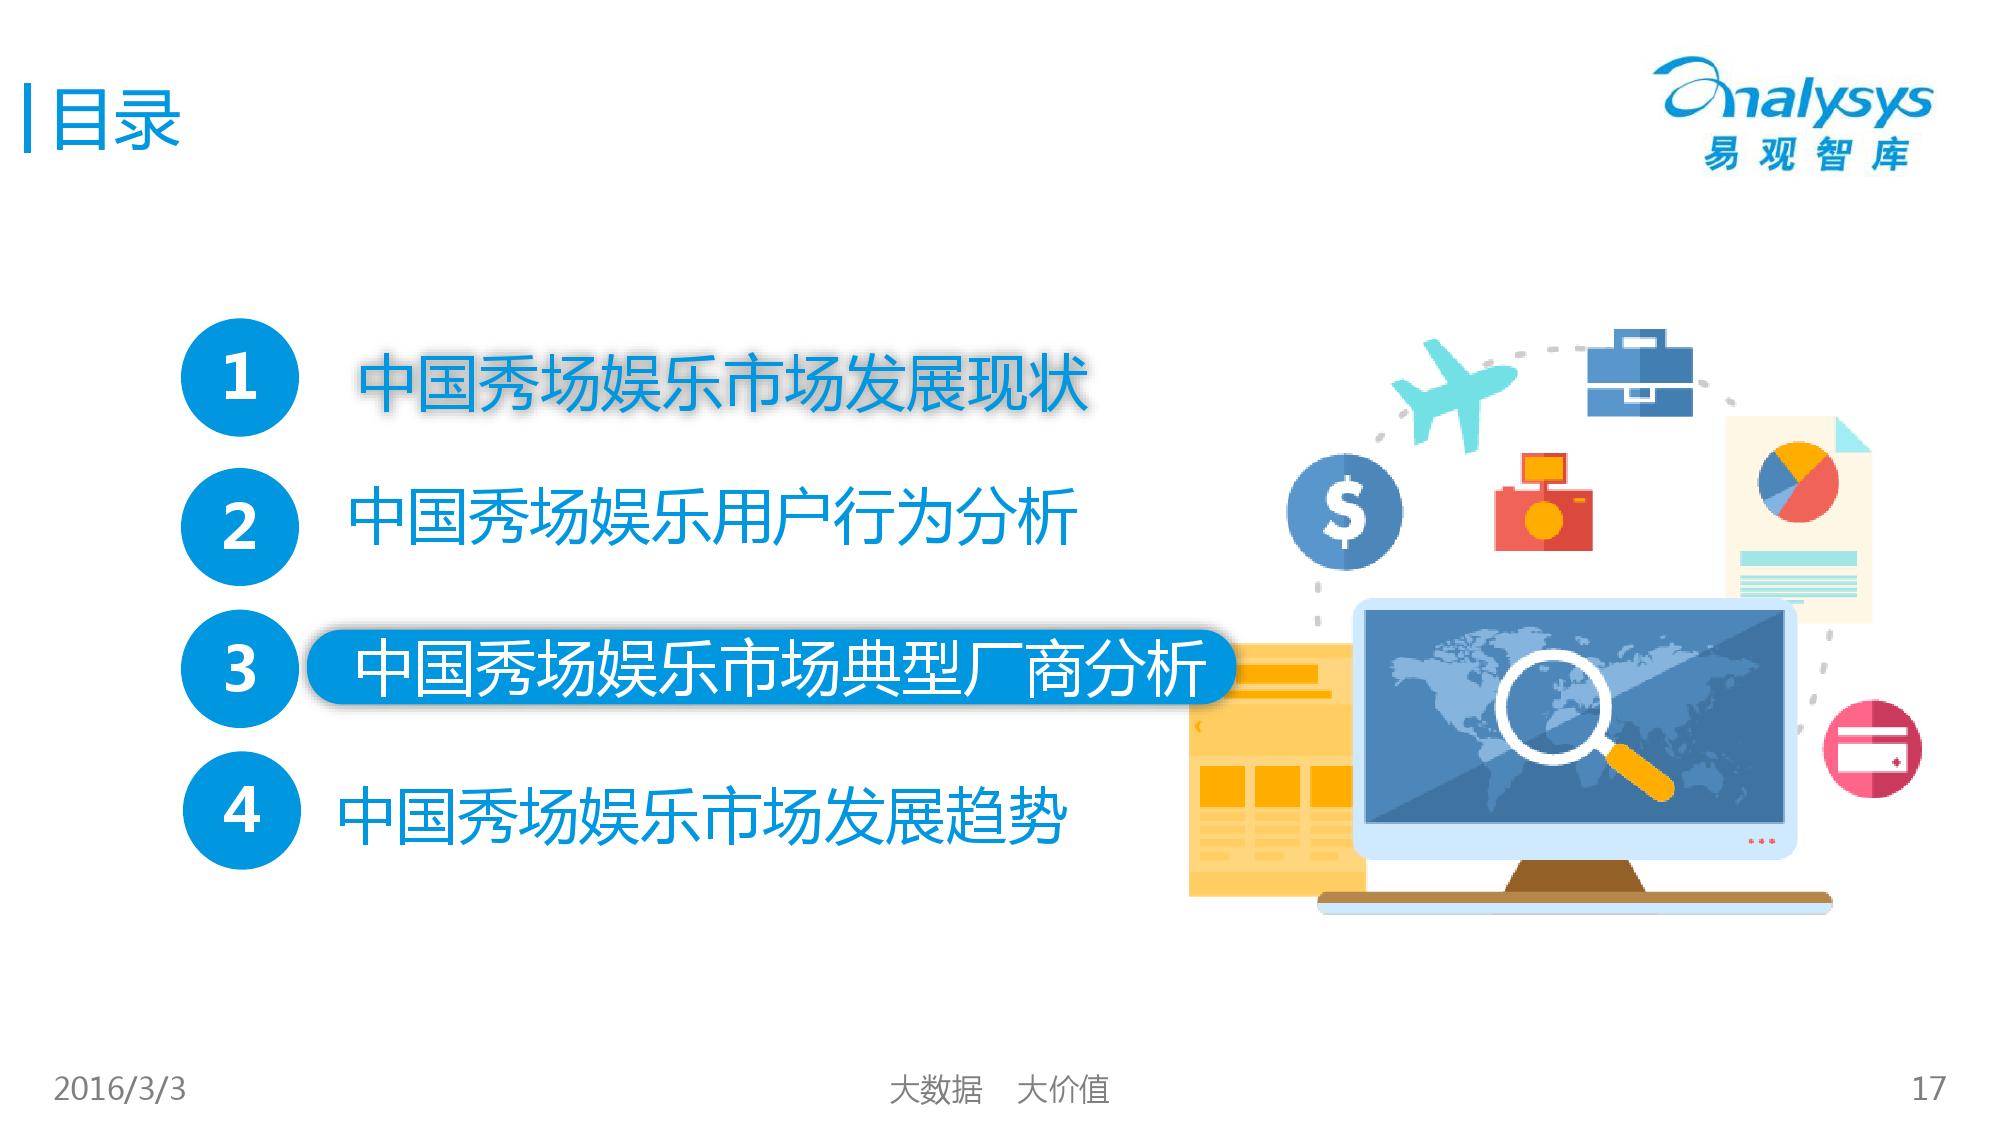 中国秀场娱乐市场专题研究报告2016_000017